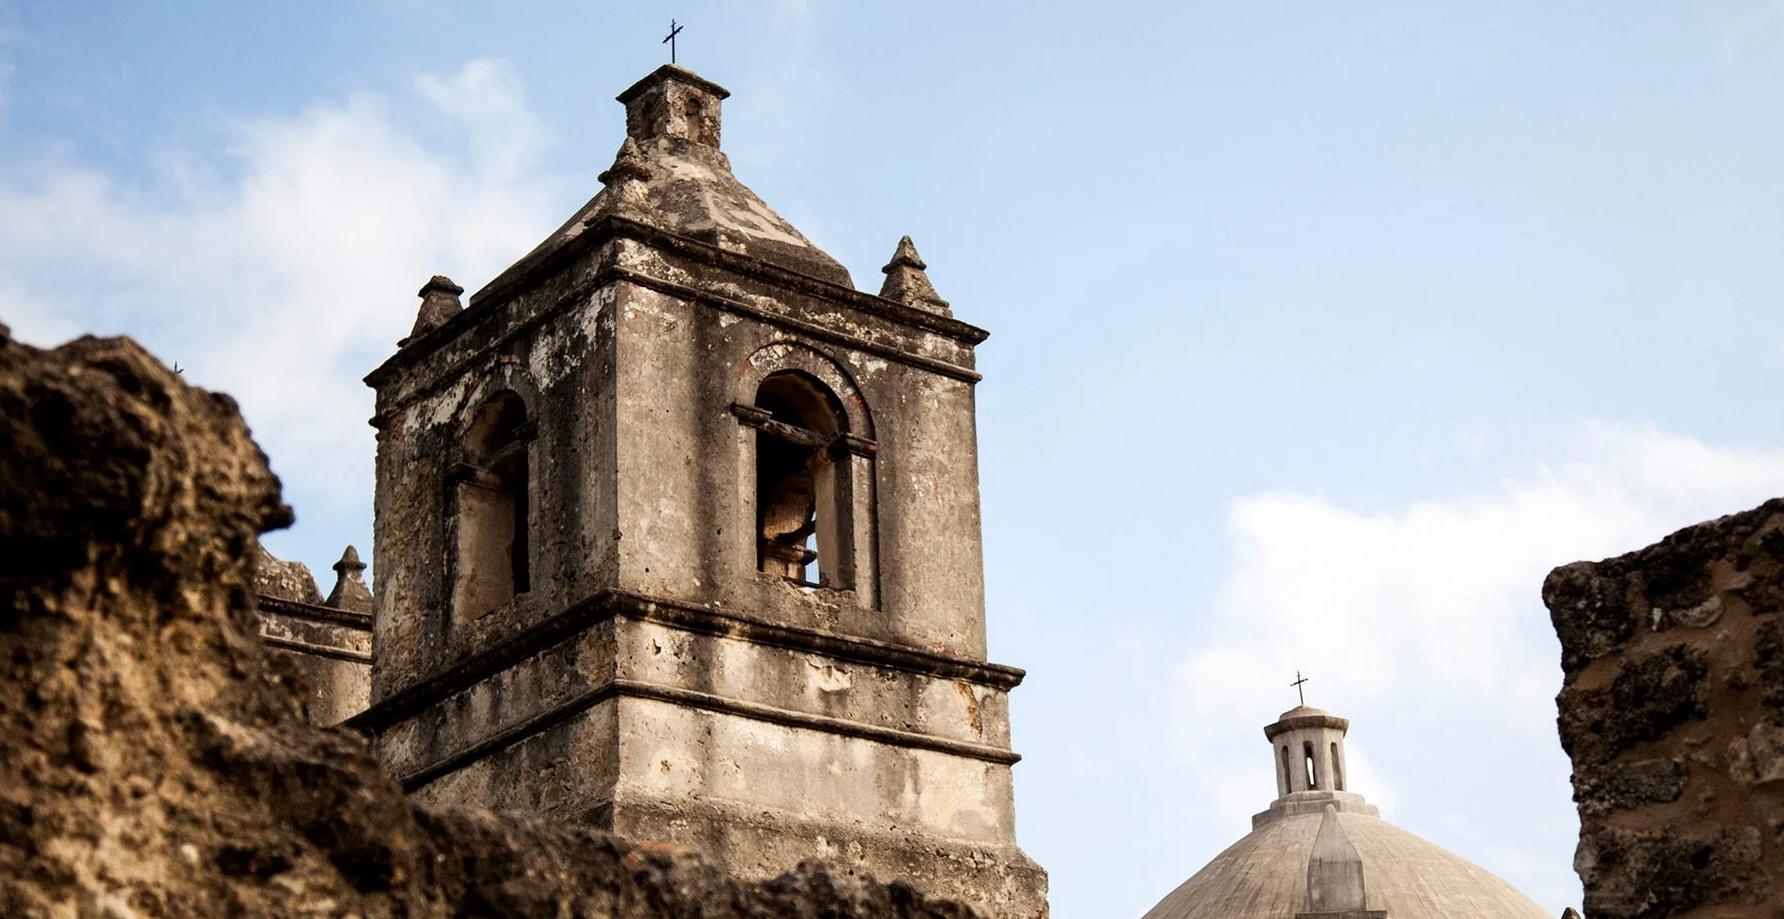 La nostra risposta alle pandemie: 4 lezioni dalla storia della chiesa